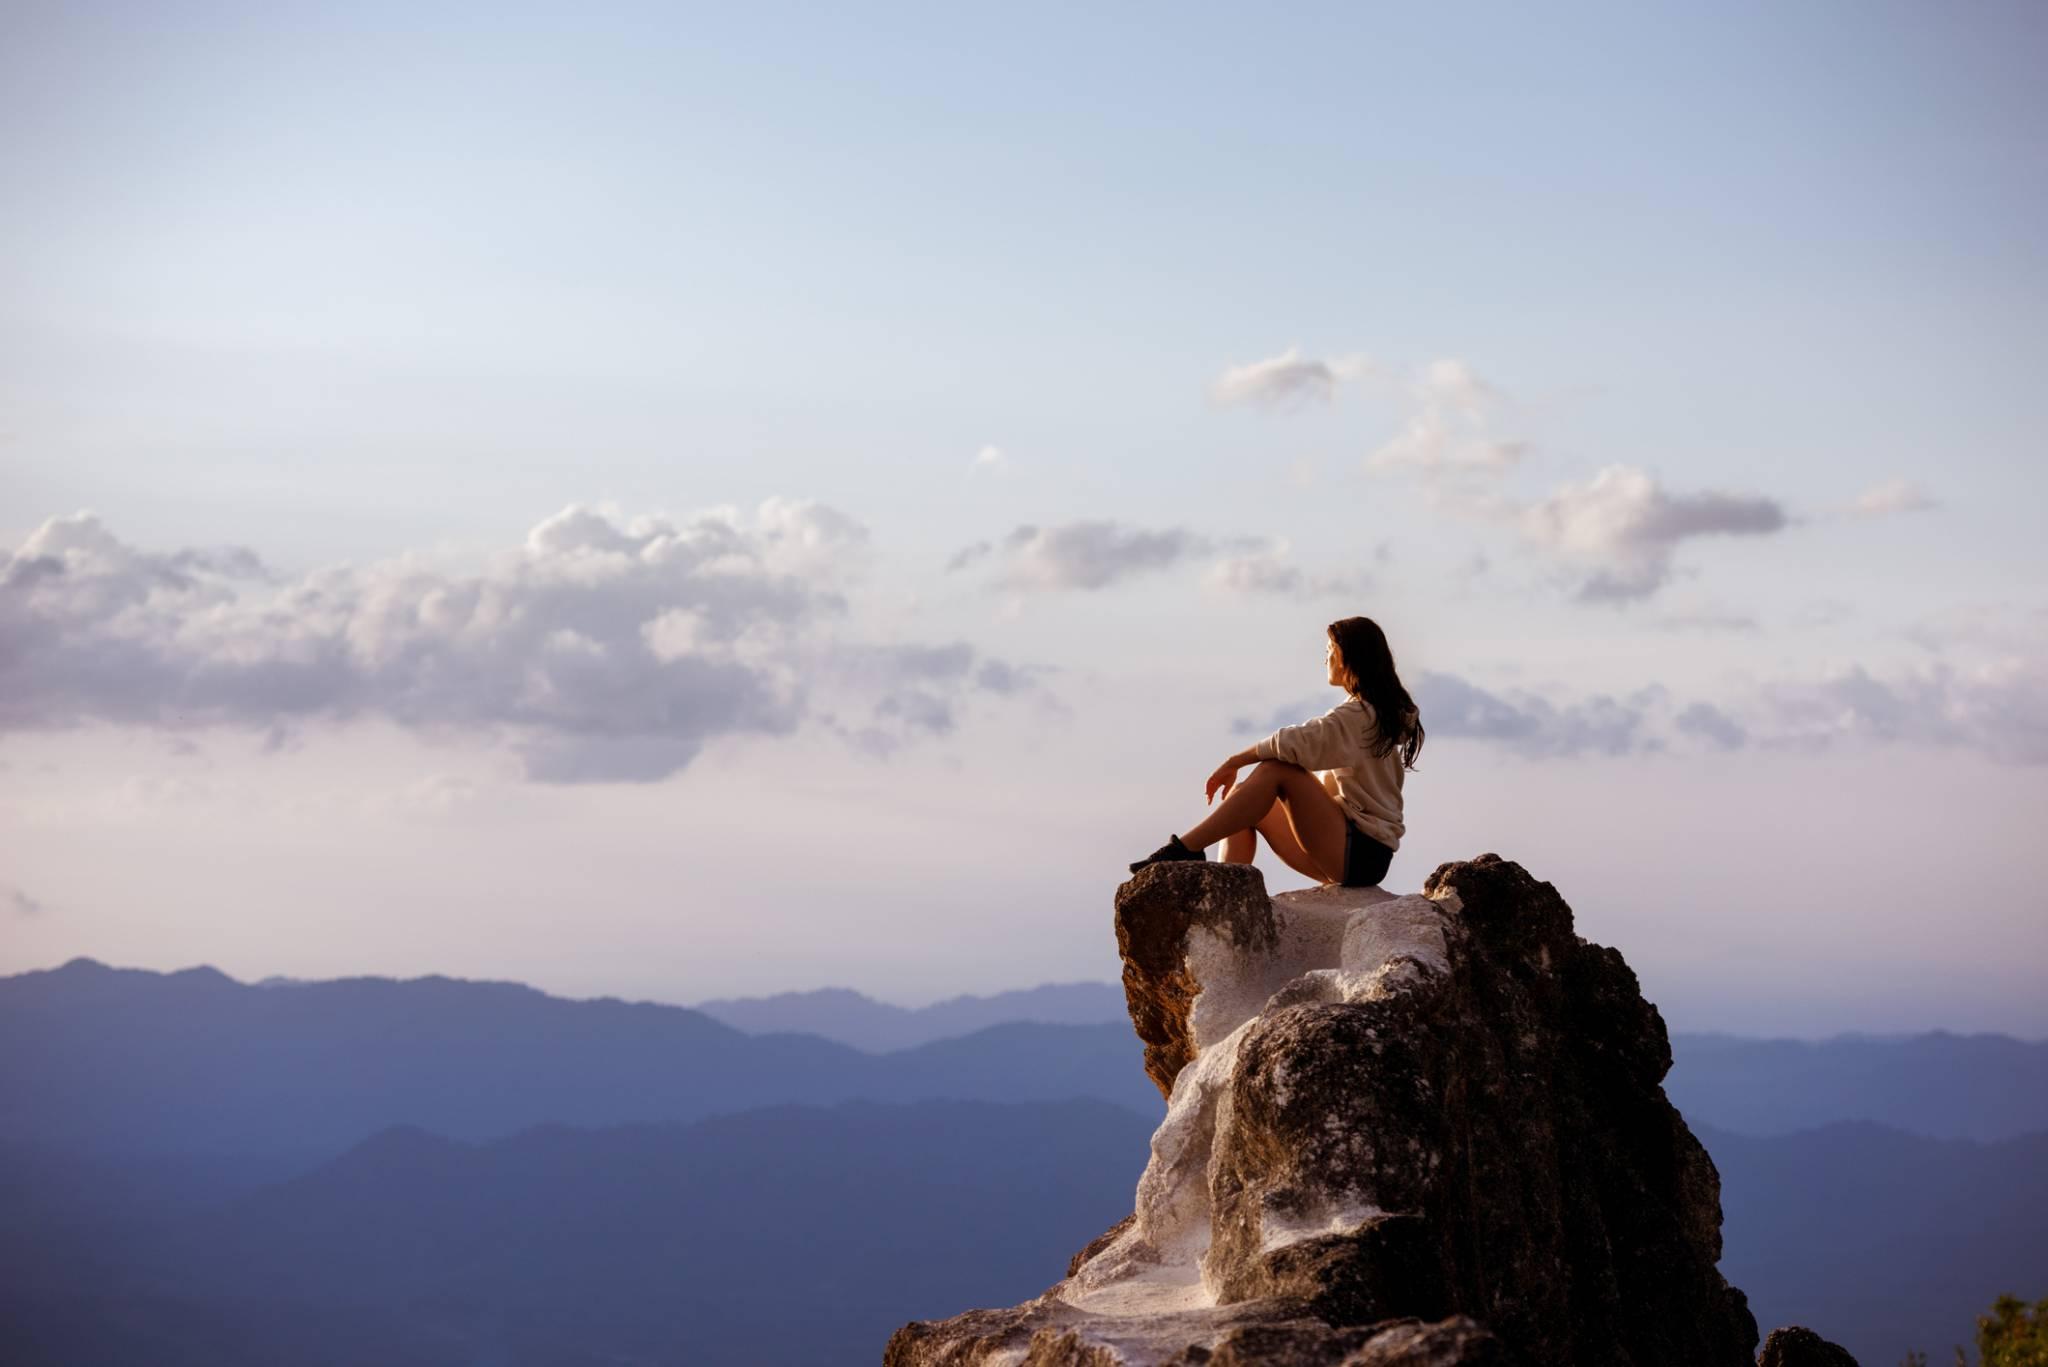 Jak spojrzeć na życie z innej perspektywy - ćwiczenia